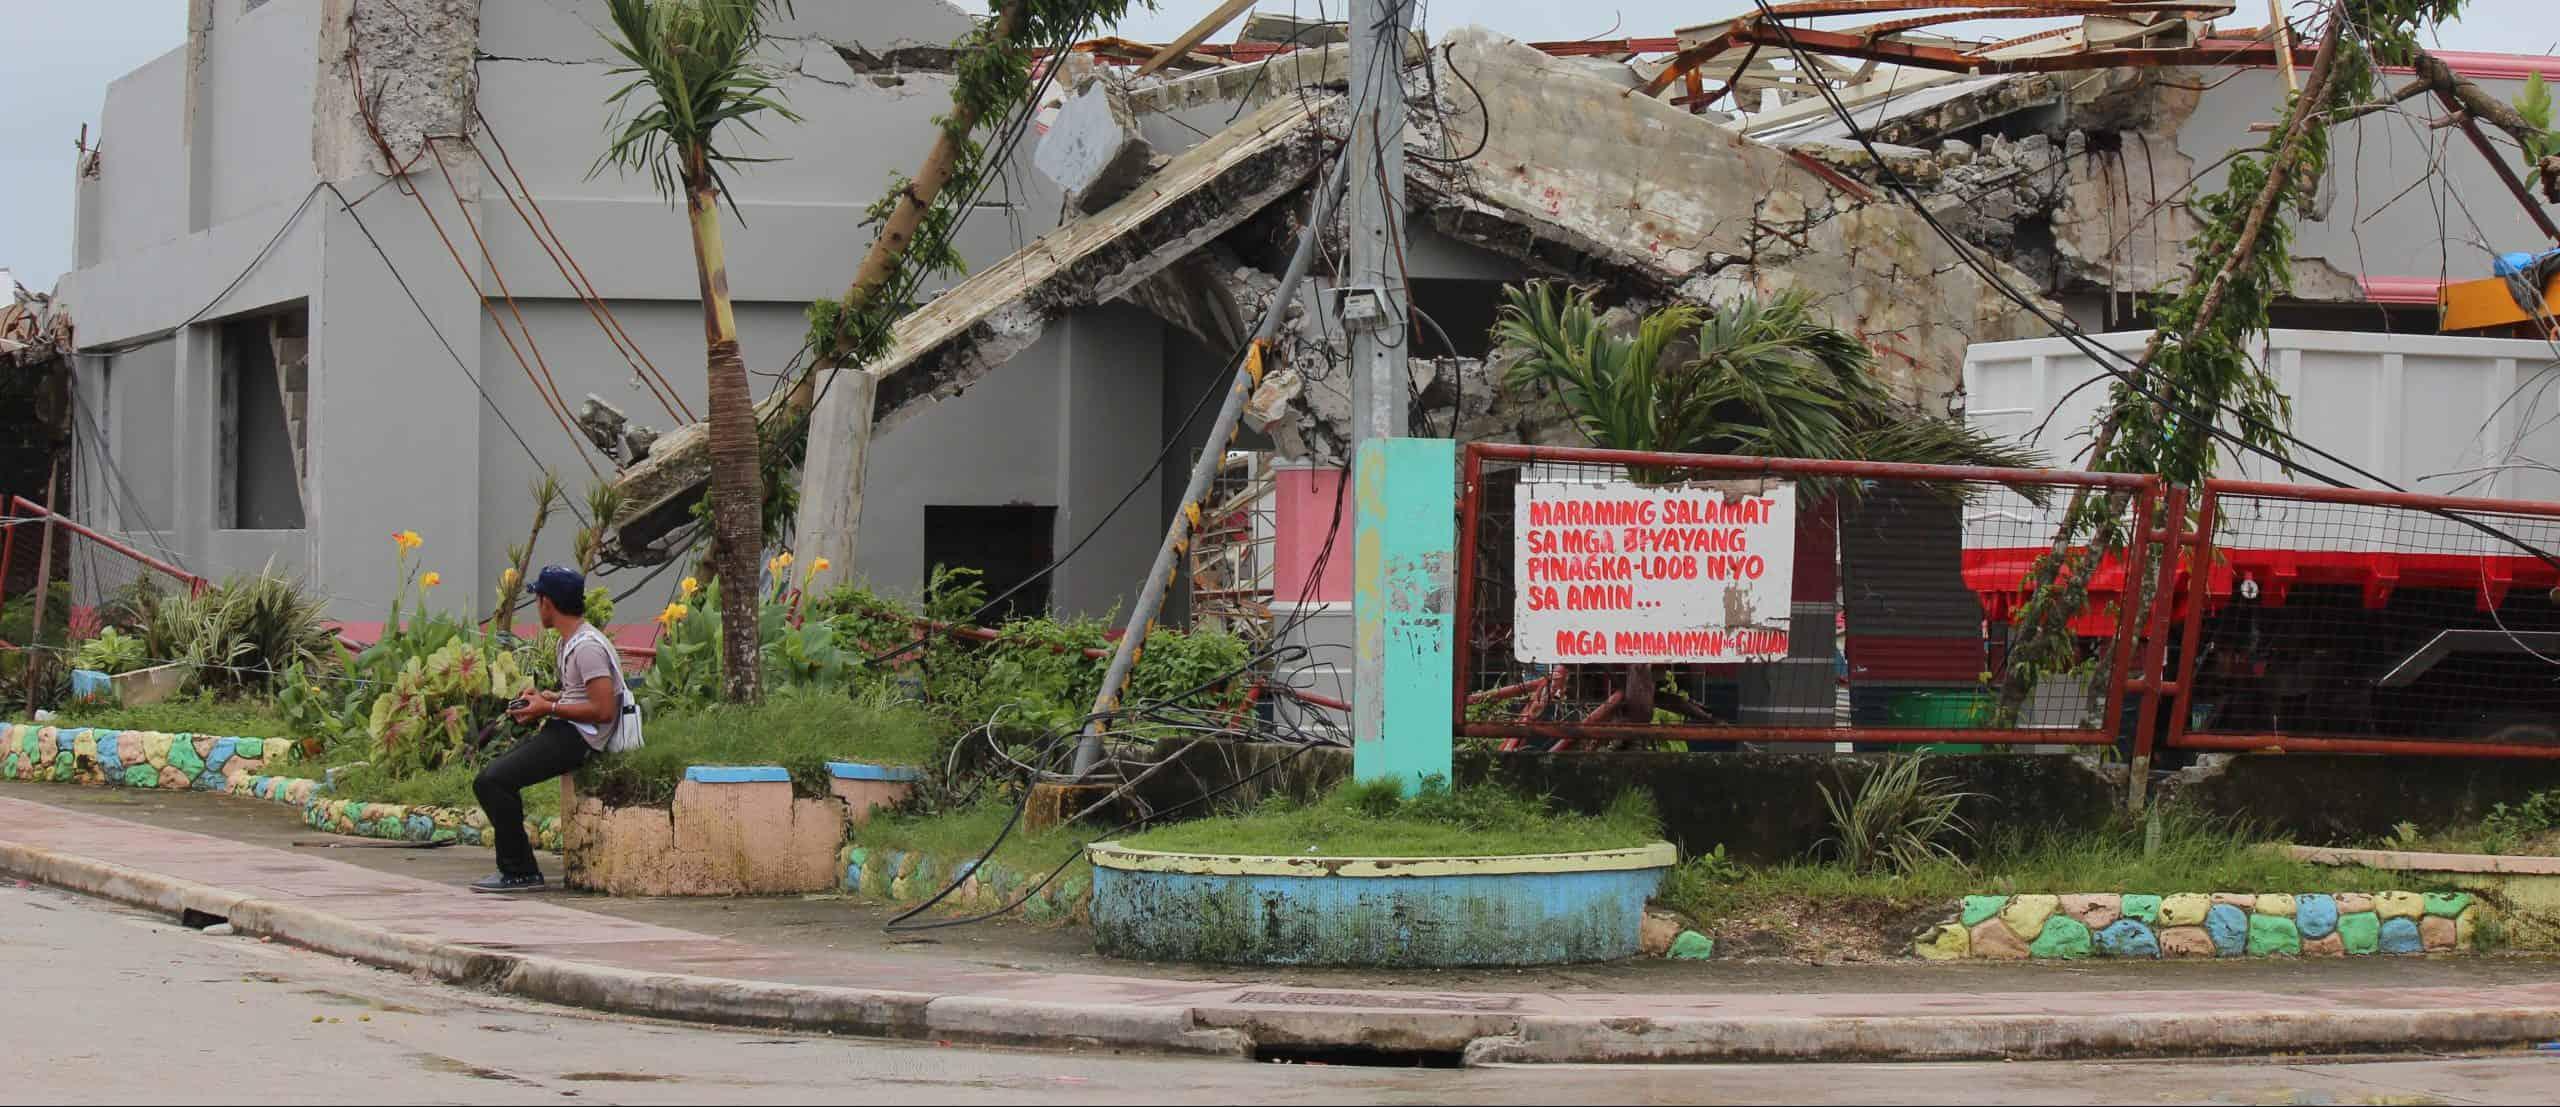 Philippines Typhoon Yolanda